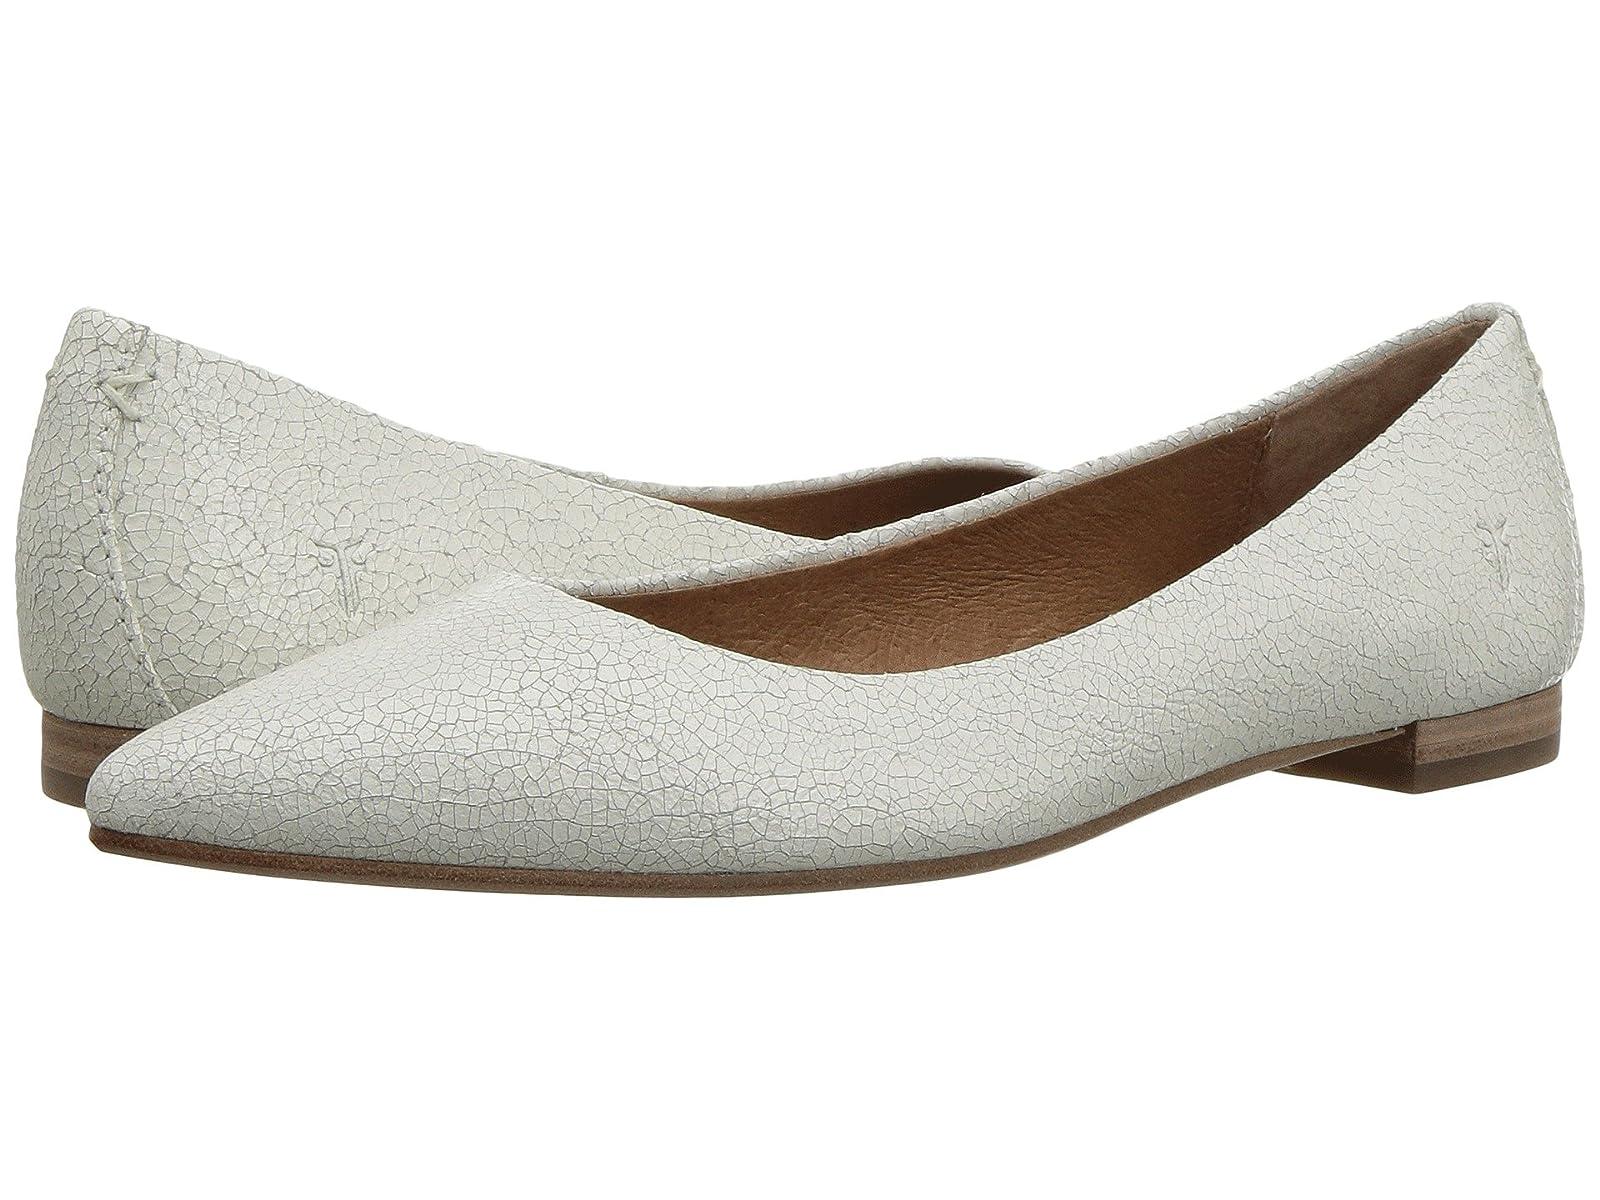 Frye Sienna BalletAtmospheric grades have affordable shoes